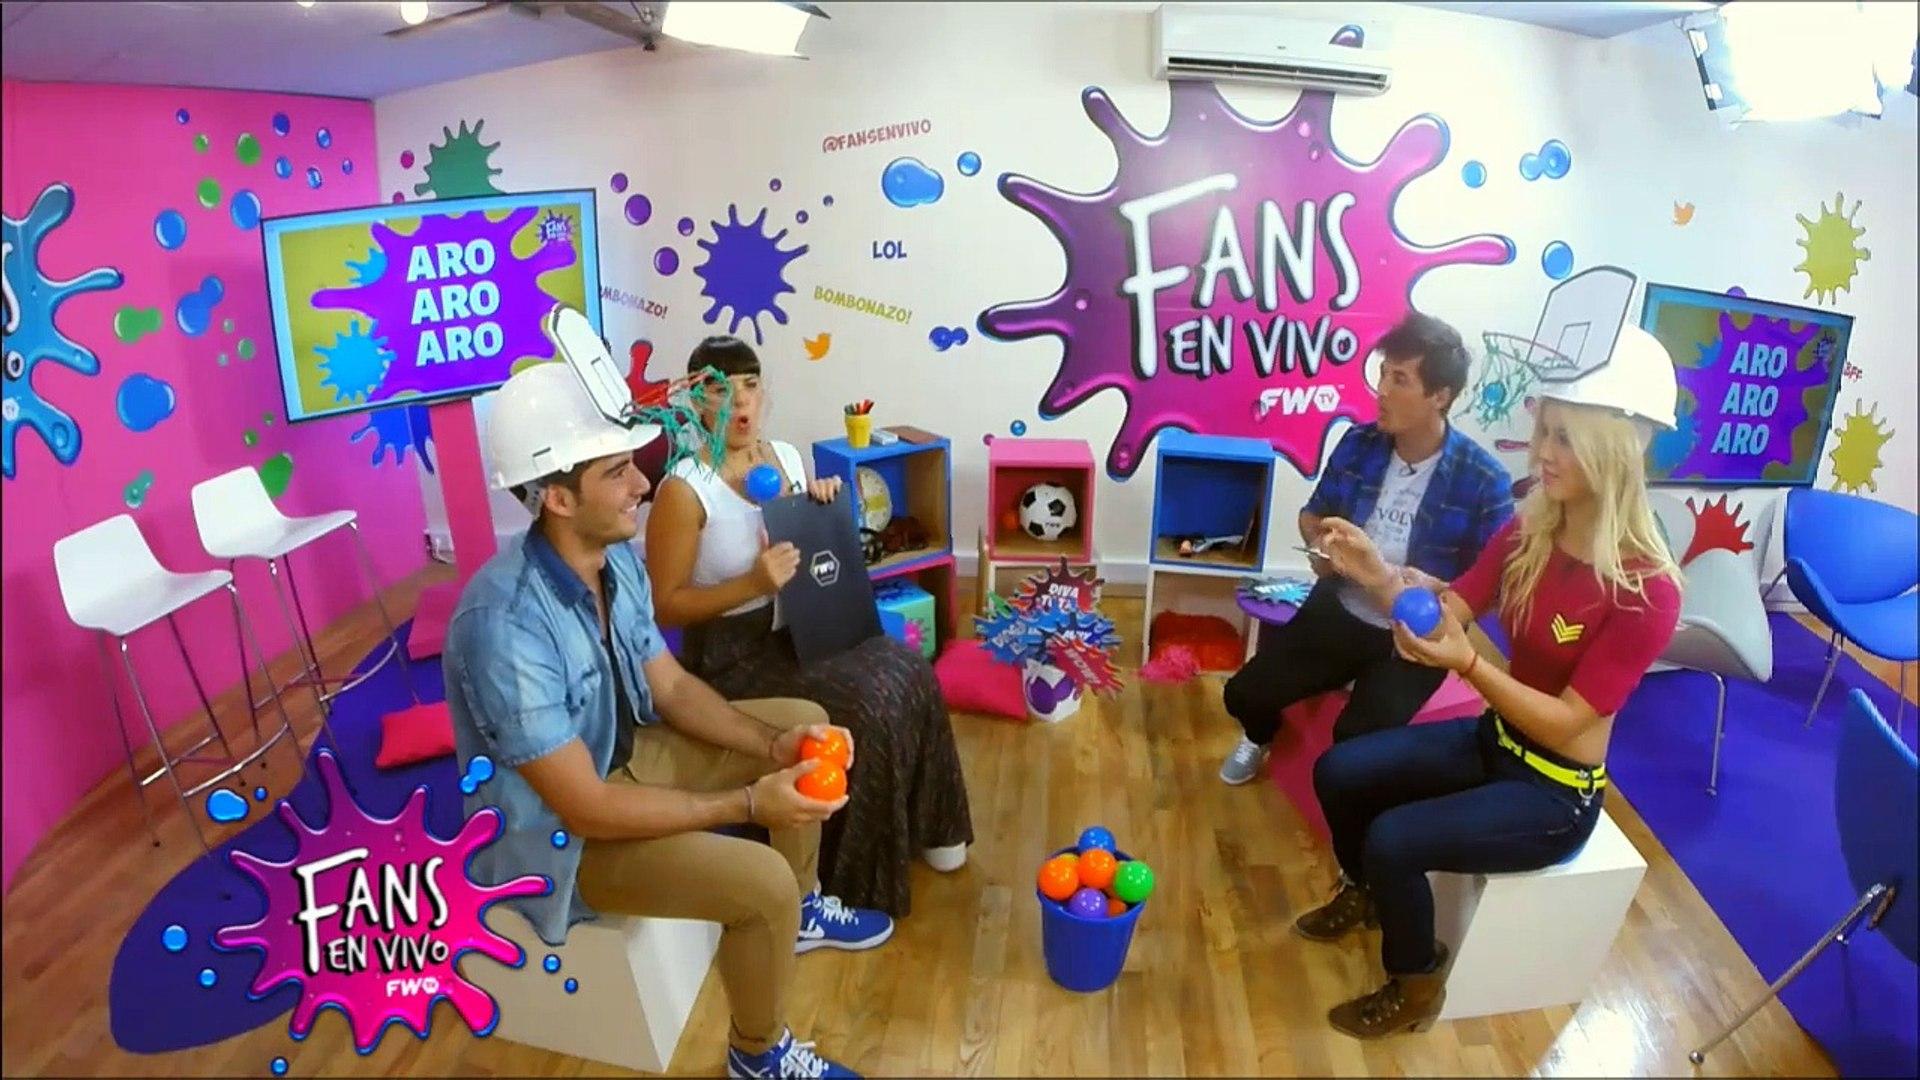 Fans en Vivo #52 - Flor Vigna y Nico Occhiato juegan al Aro Aro Aro